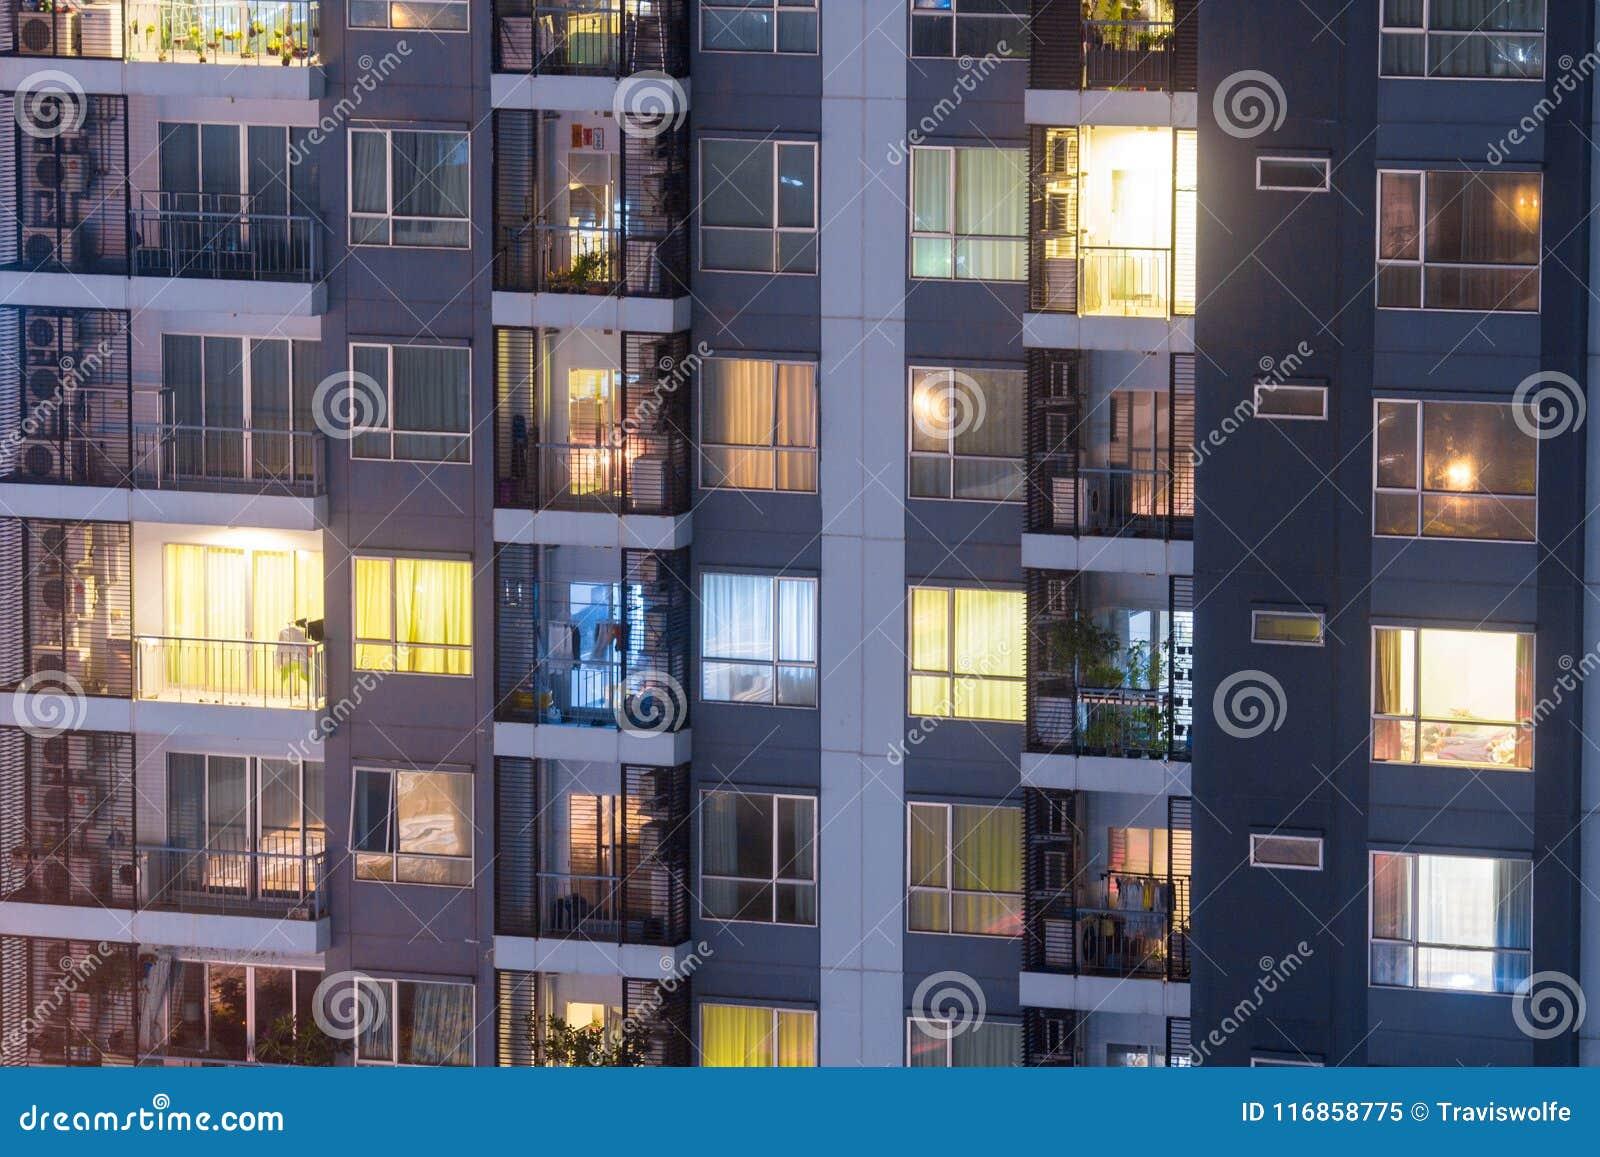 Het concept van de flatprivacy bij nacht met verlichting en elektriciteitsgebruik die jaarlijks toenemen Flatvensters bij nacht